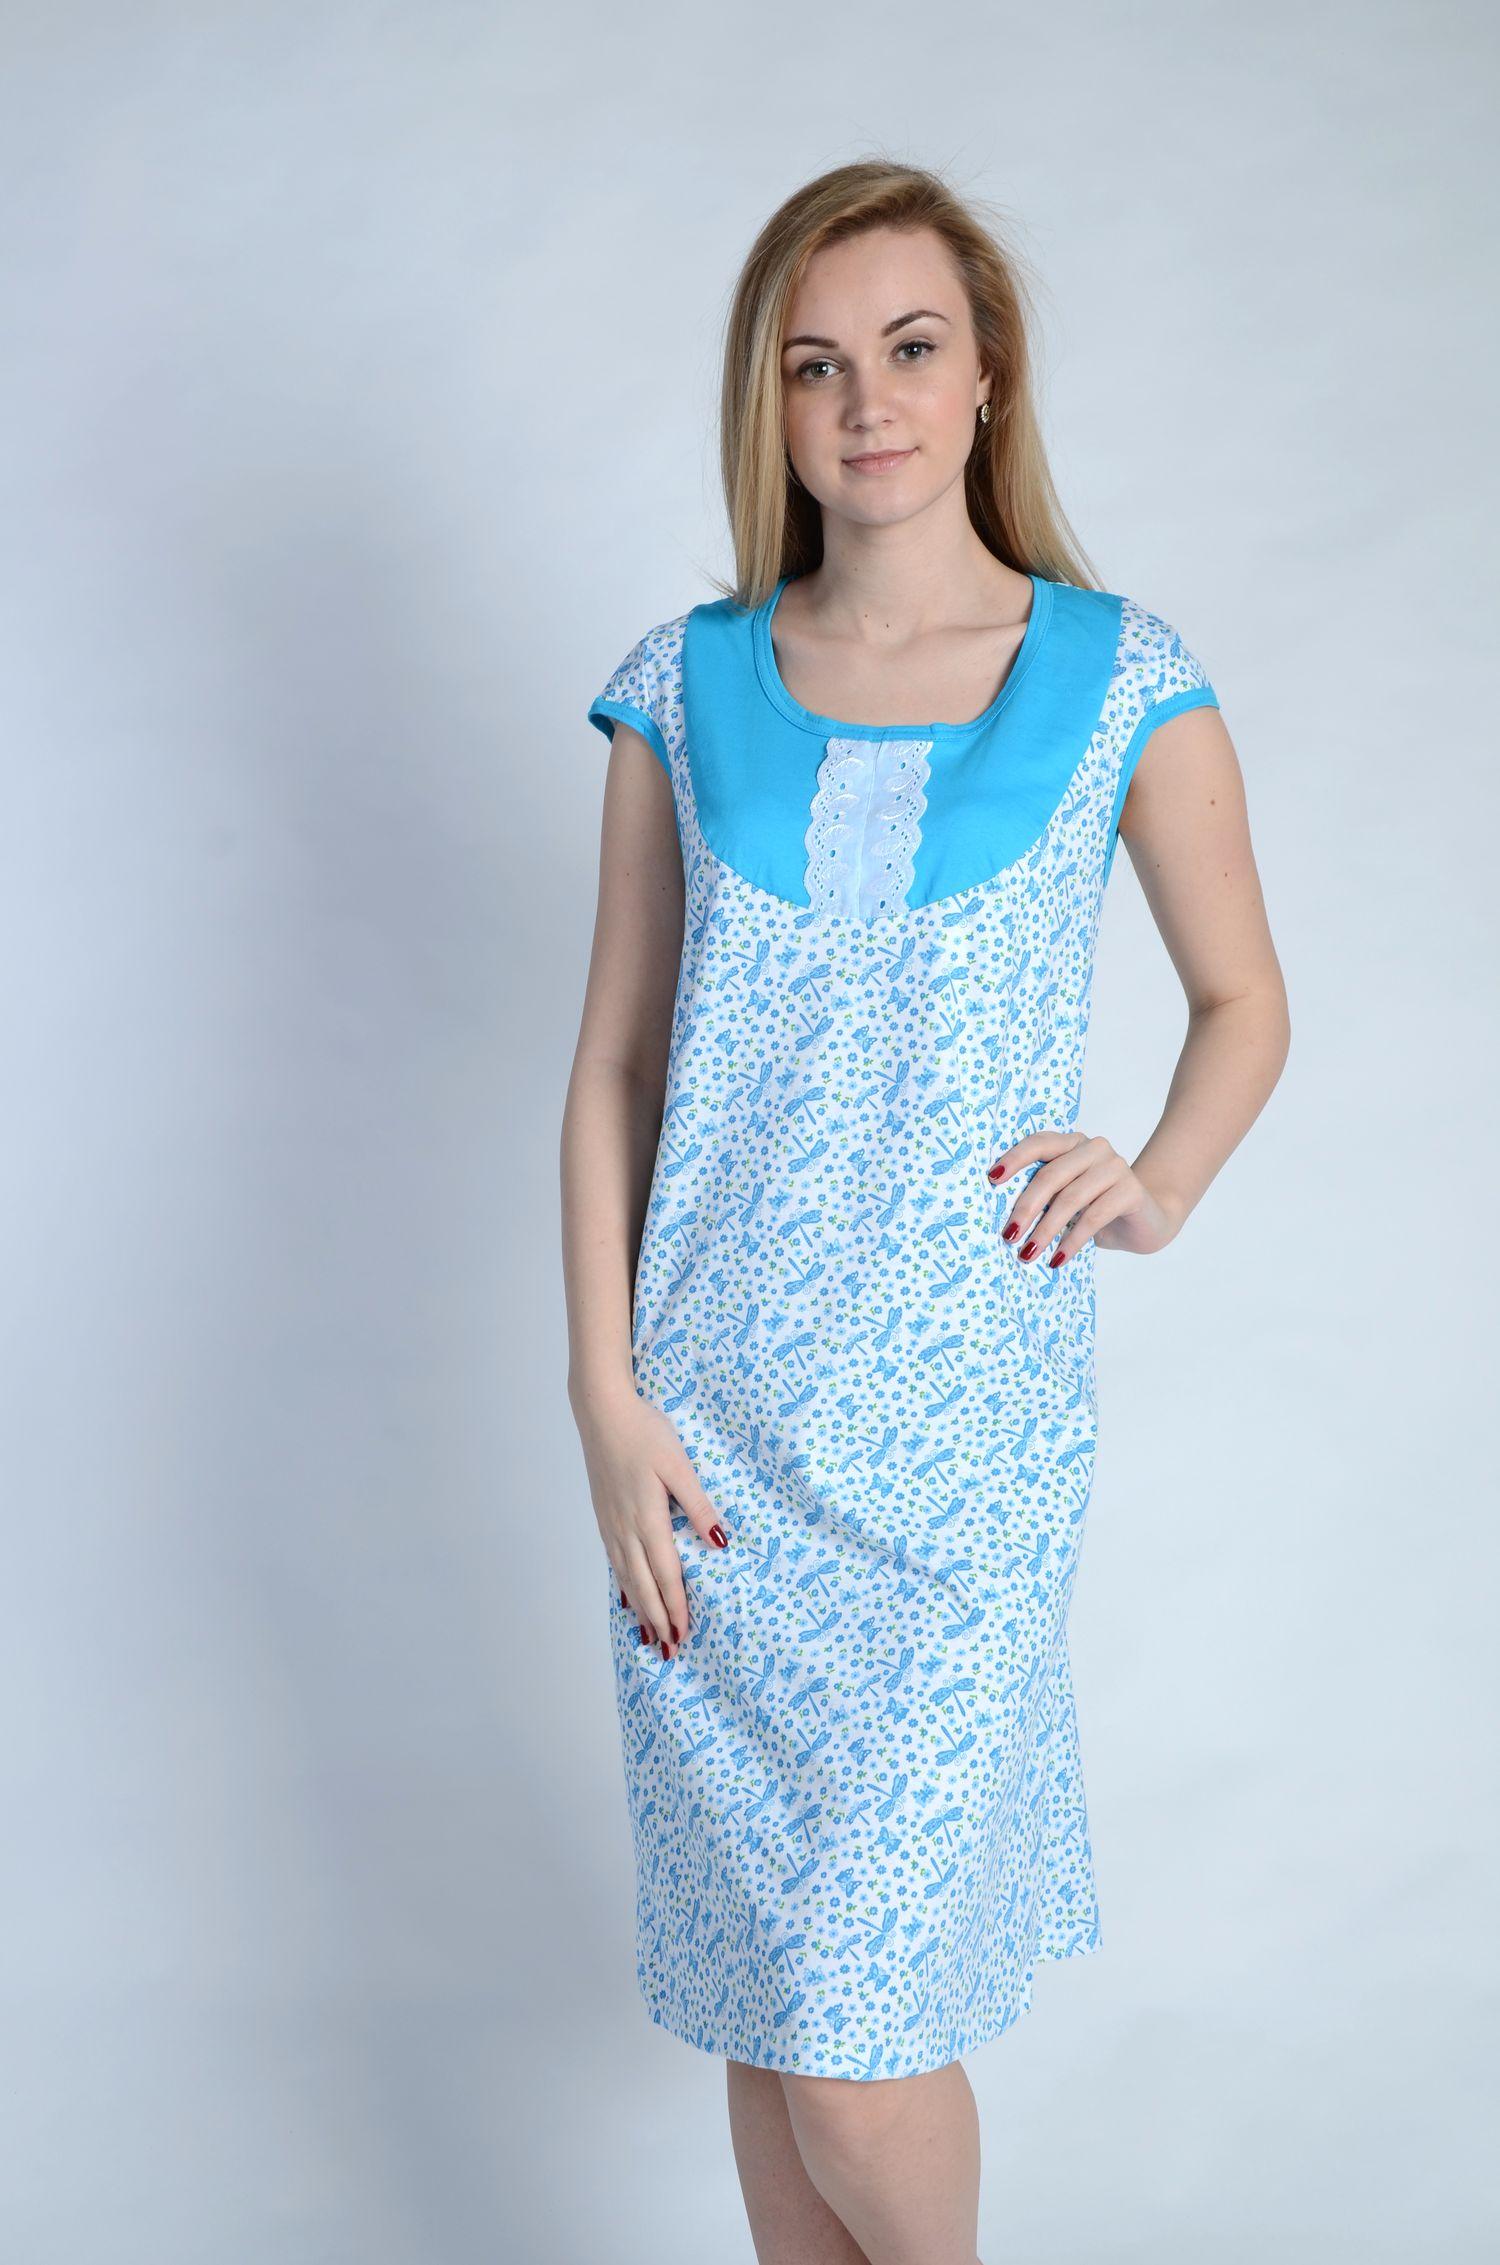 Сорочка женская АврораСорочки<br><br><br>Размер: 50